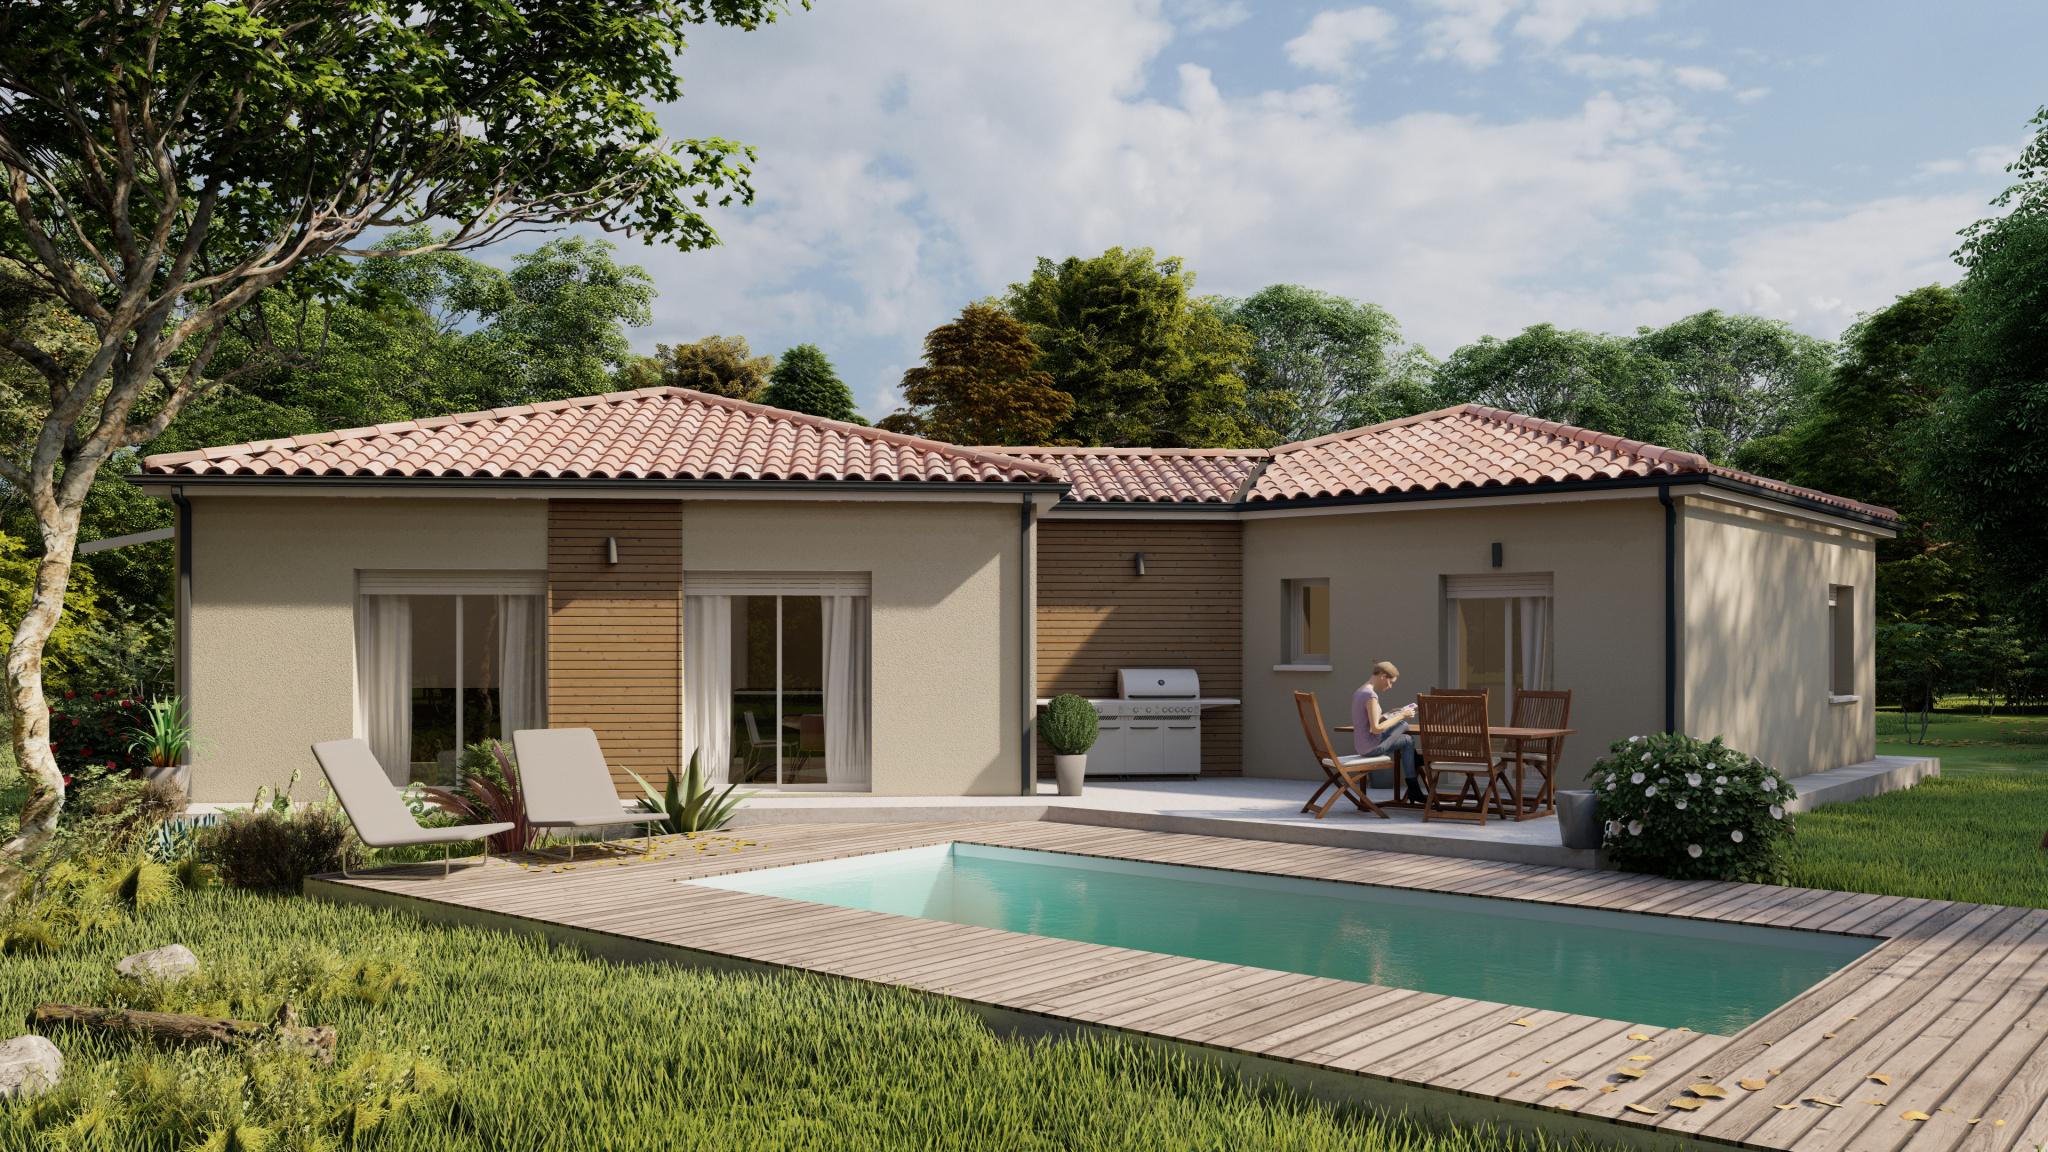 Vente maison à Laplume (47310) de 94 m2 habitable sur terrain de 2150 m2